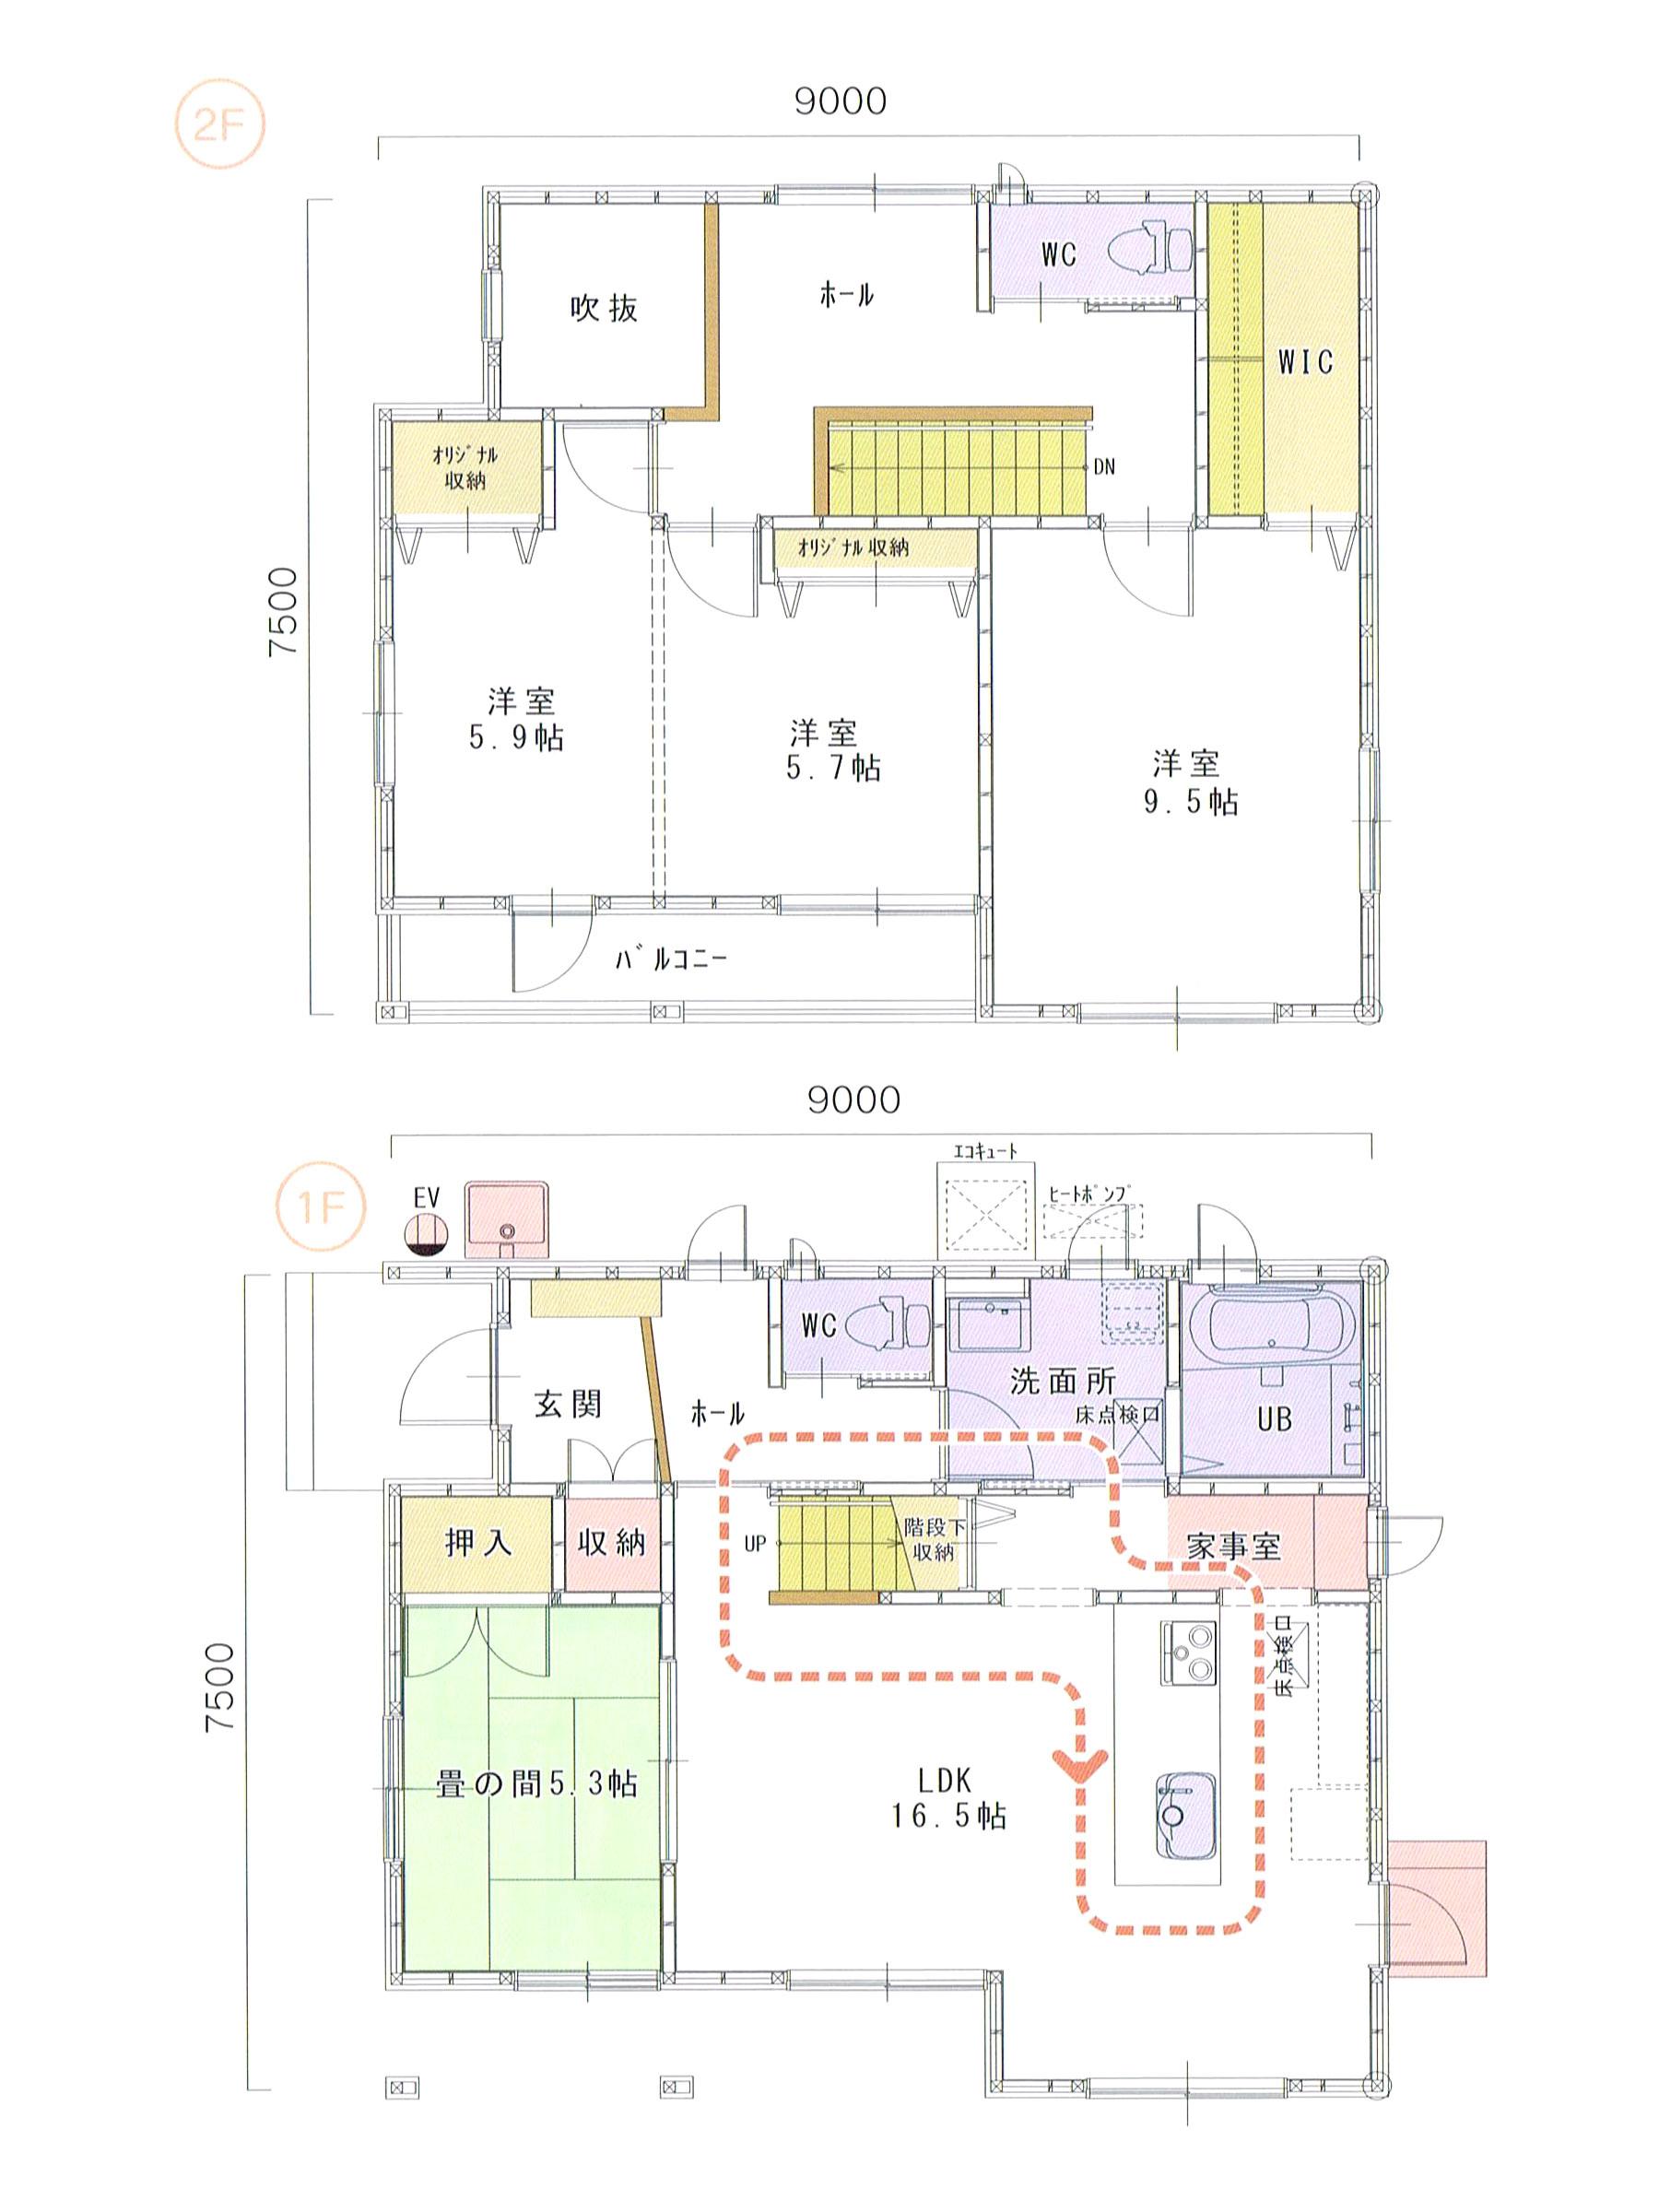 プランK-17 スモリの家